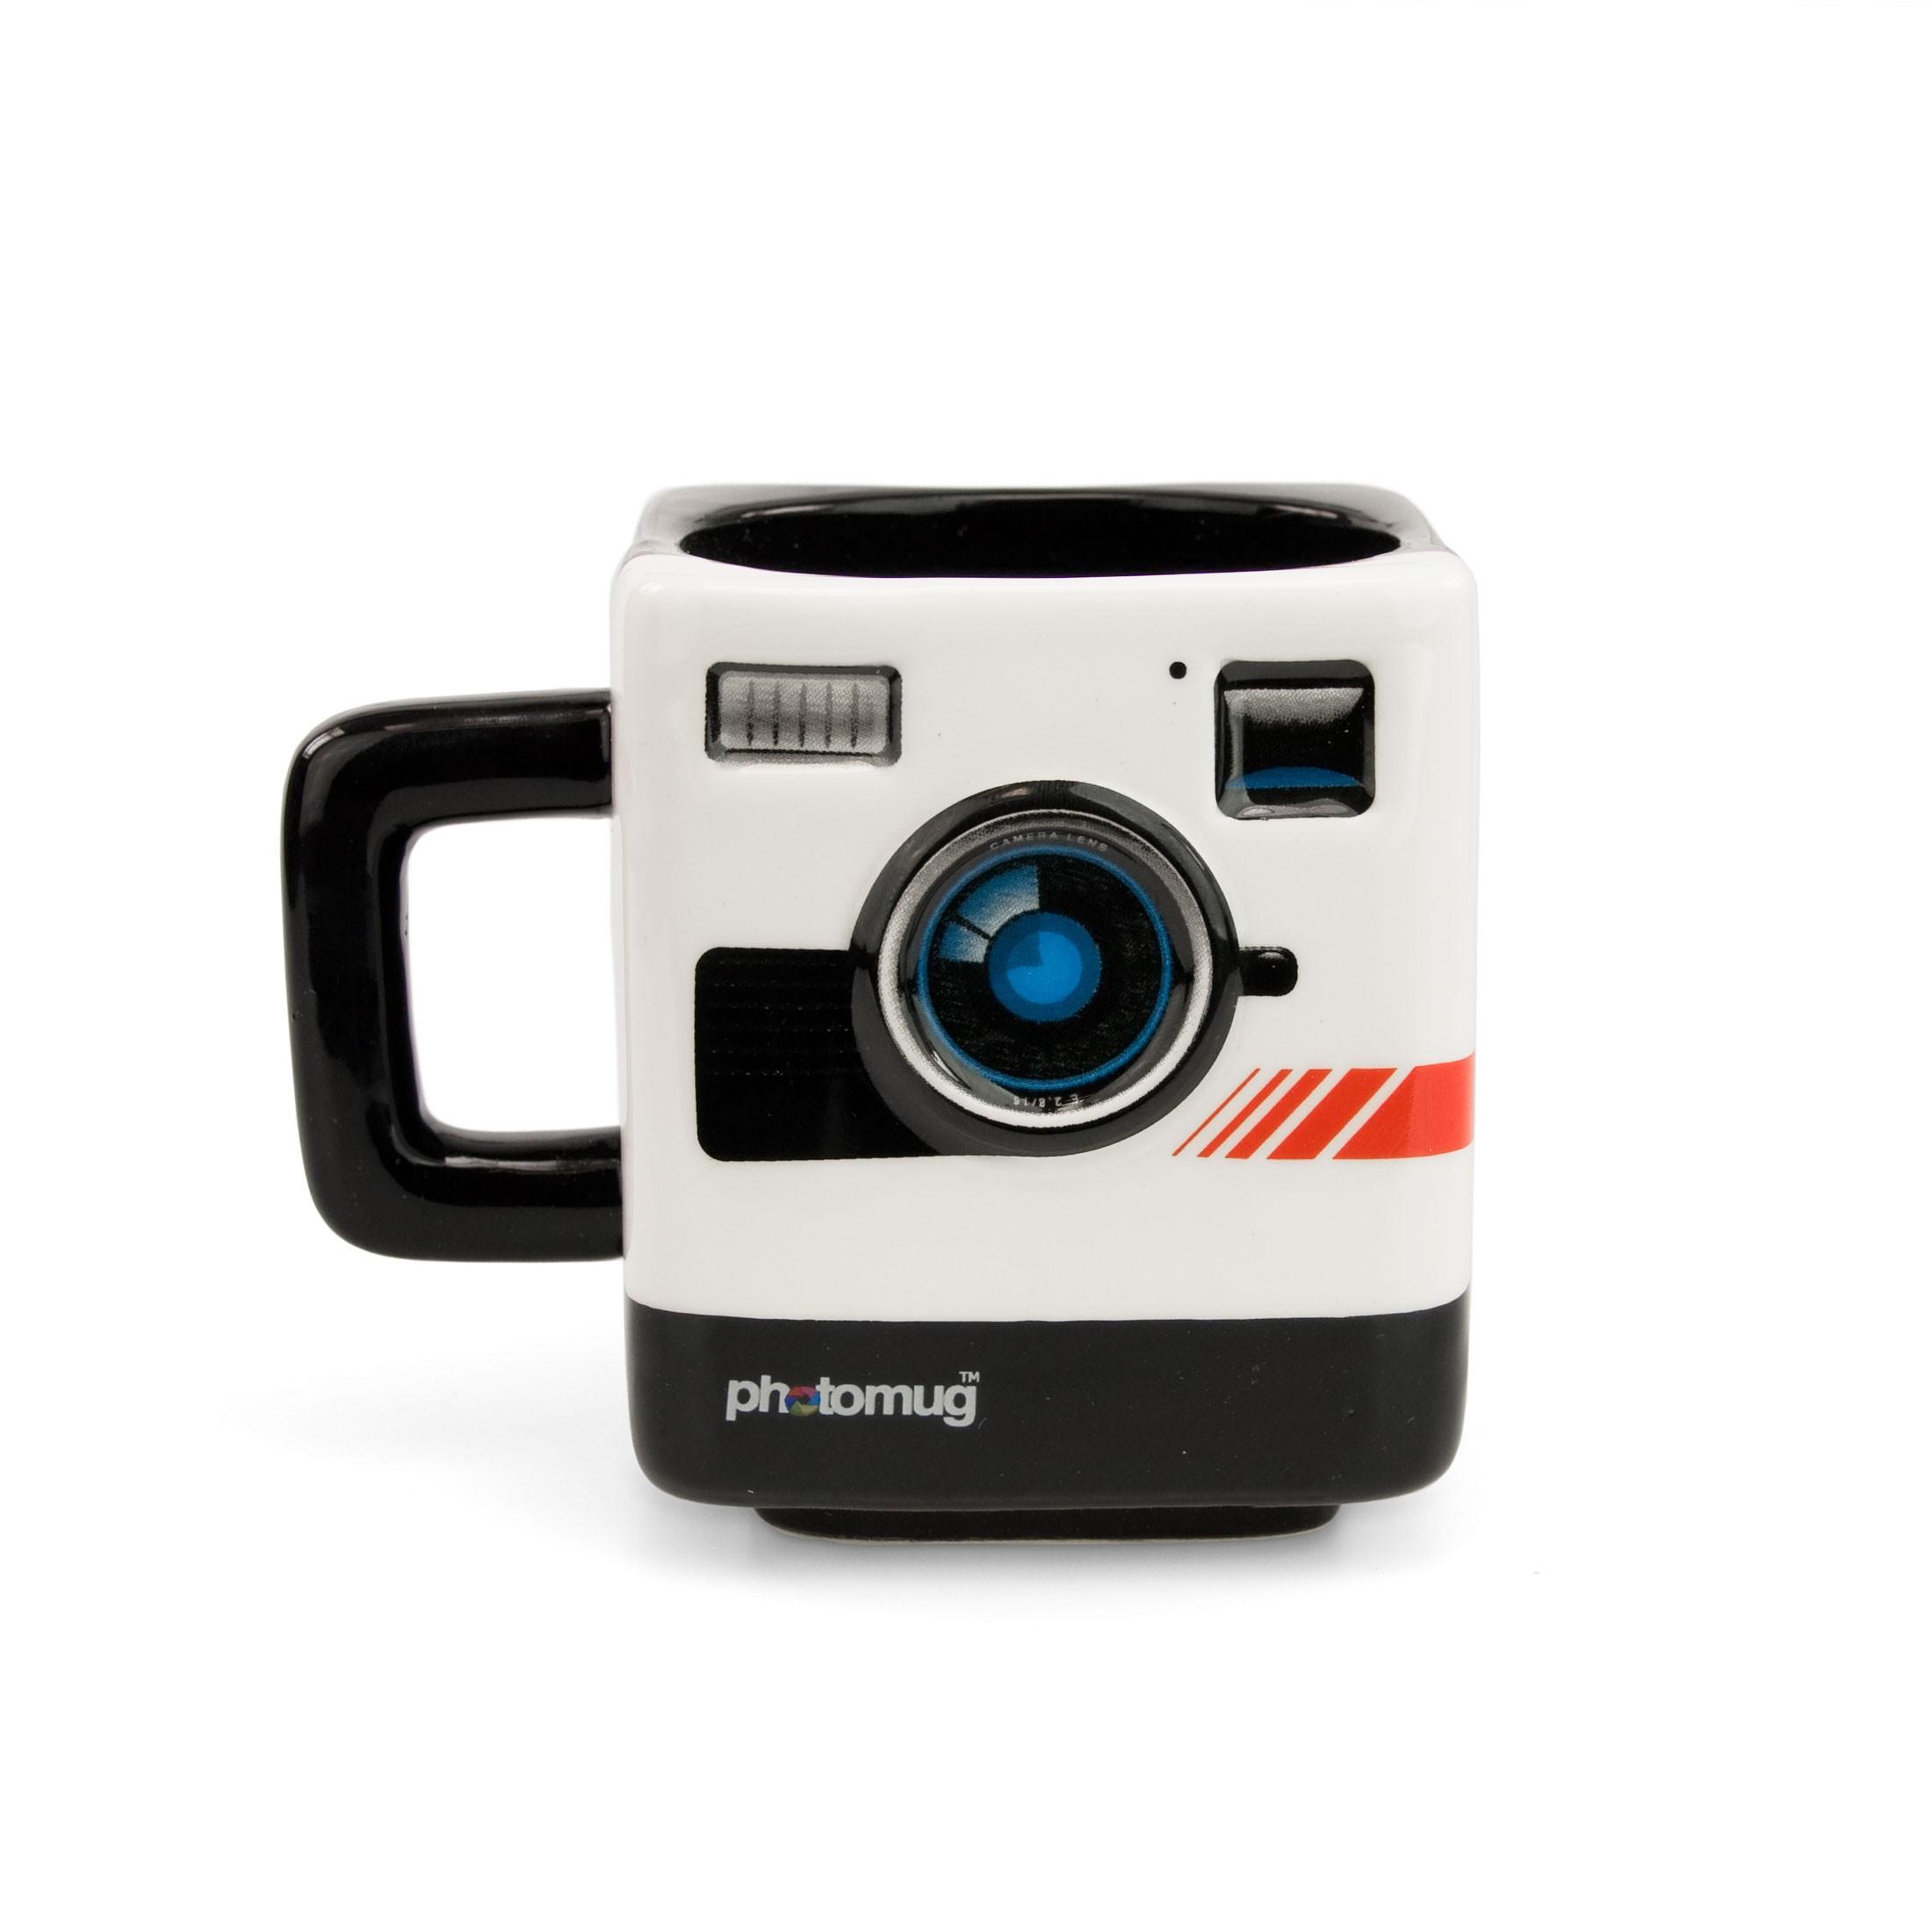 Image of Mustard Photomug Retro Camera Shaped Mug